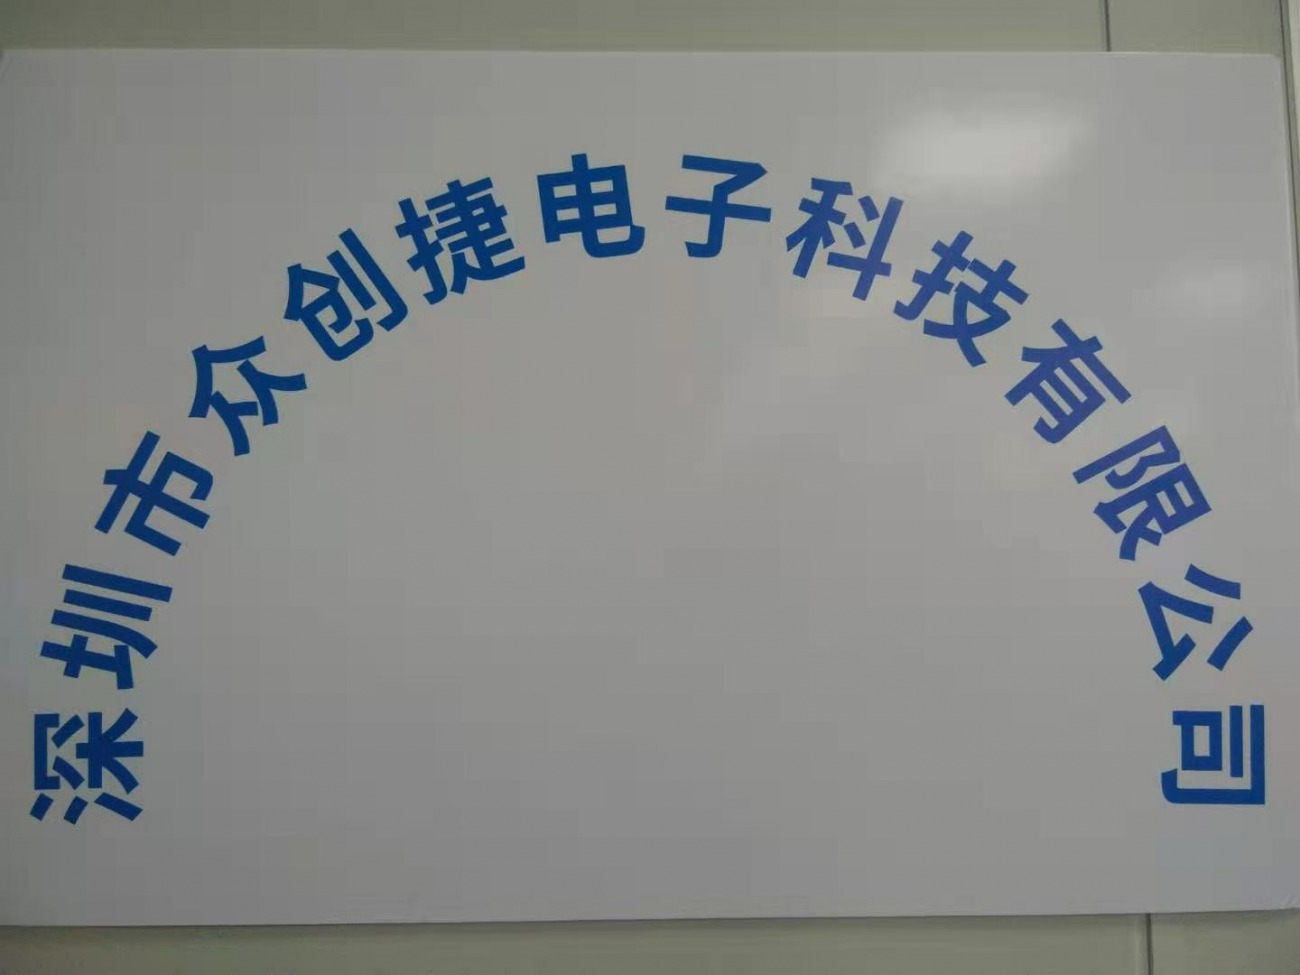 深圳市眾創捷電子科技有限公司